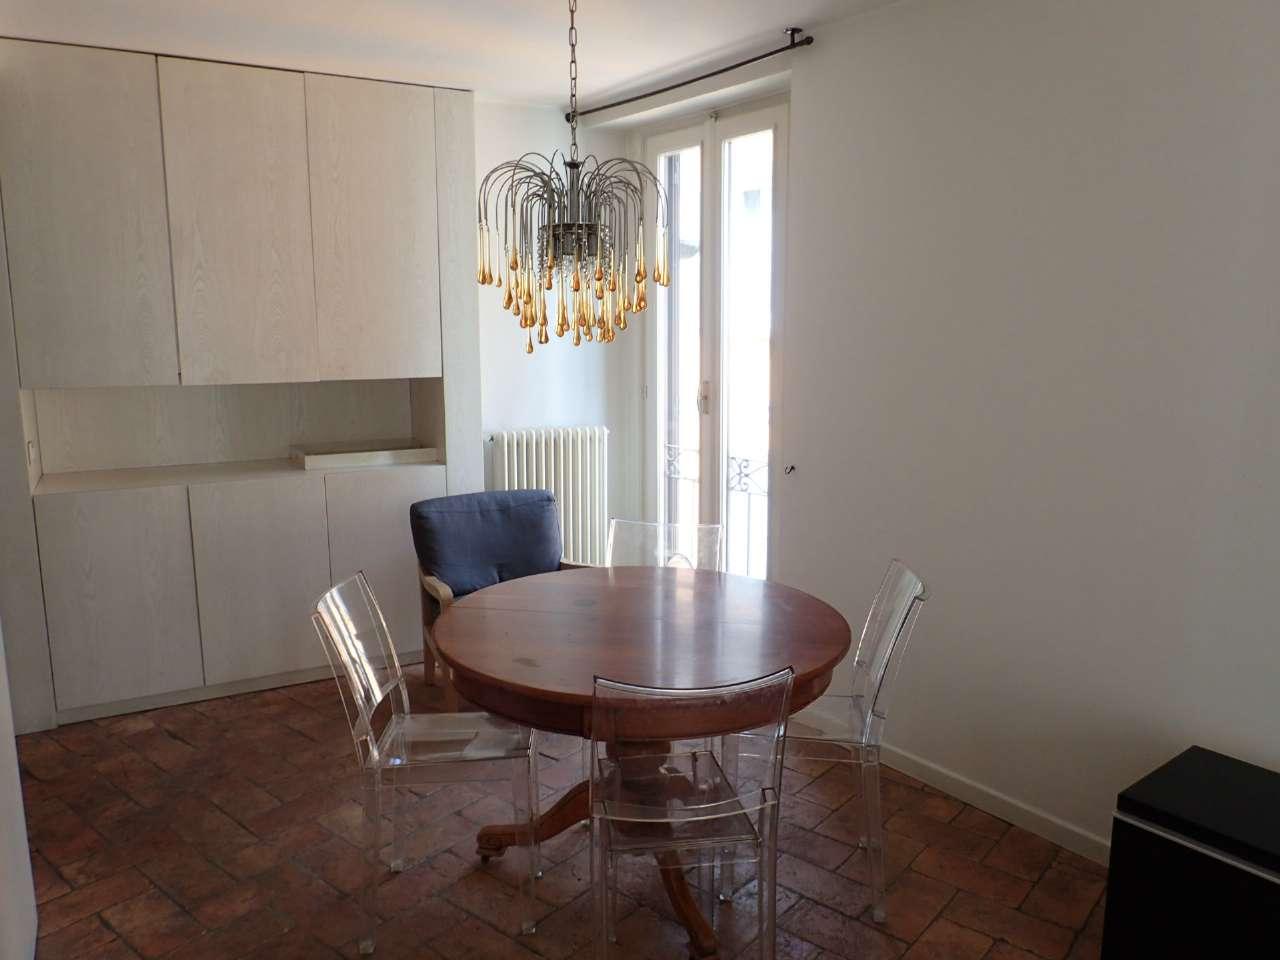 Appartamento in Vendita a Milano: 2 locali, 80 mq - Foto 3